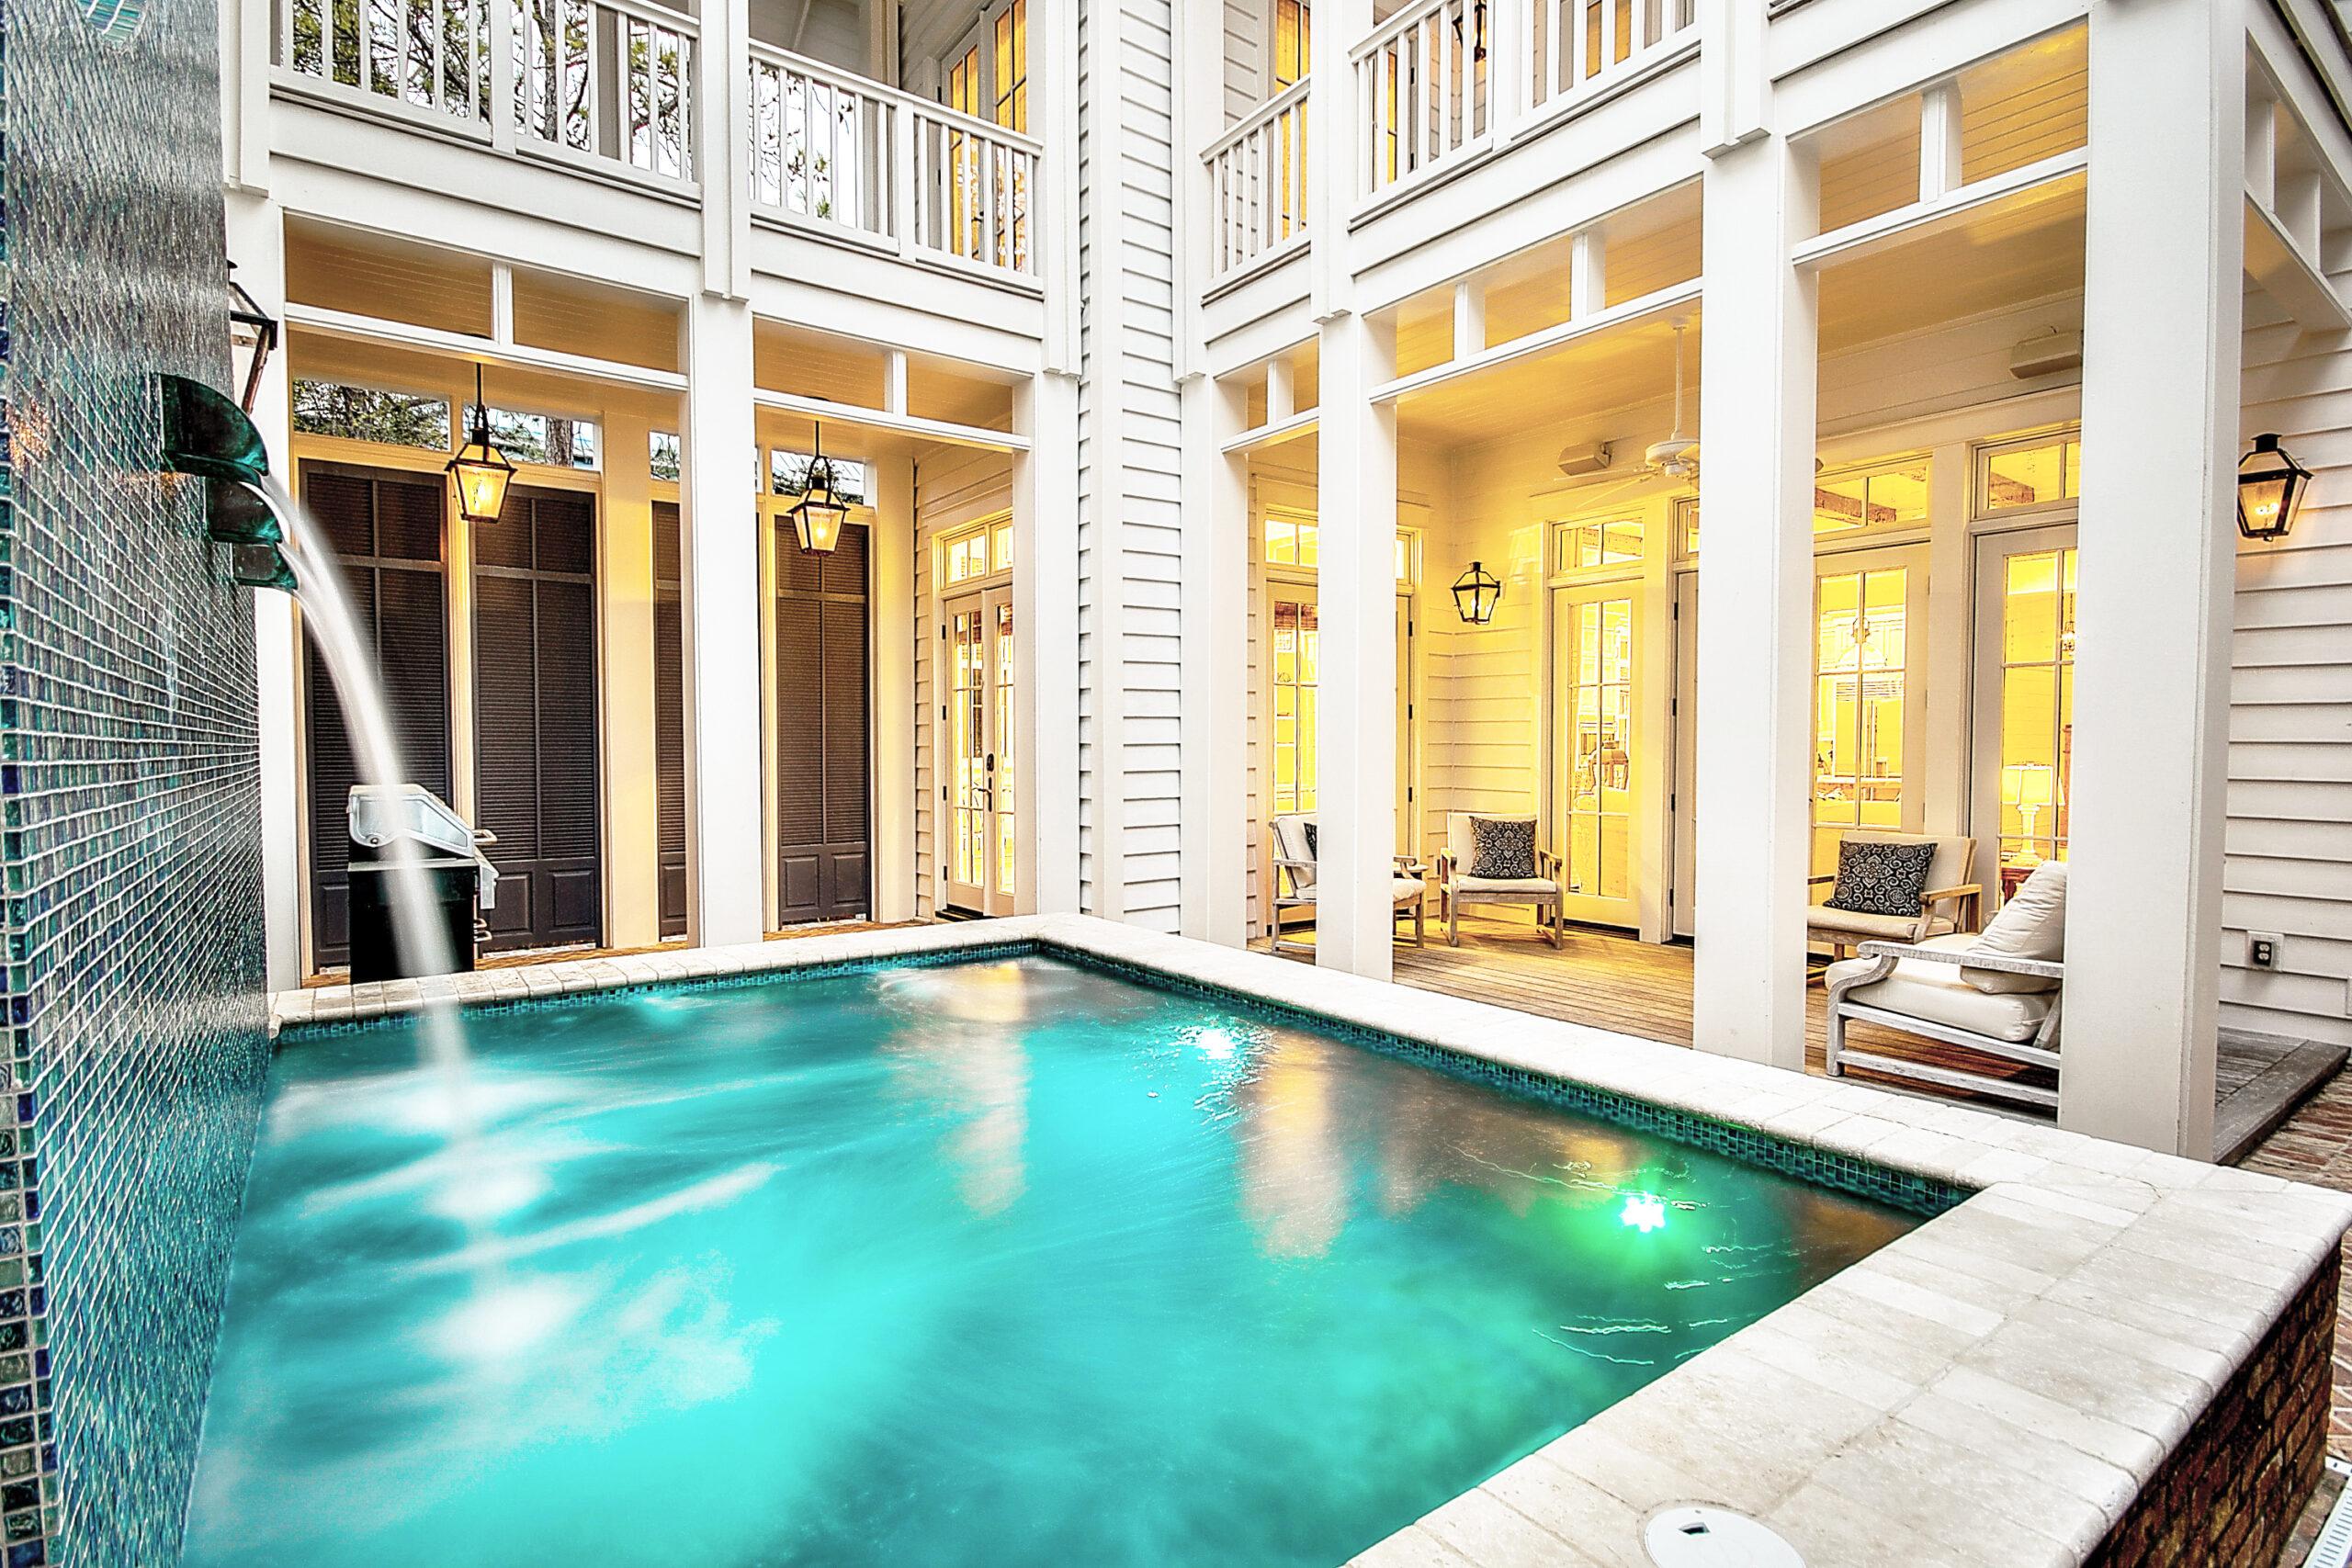 30A Beach House Rental